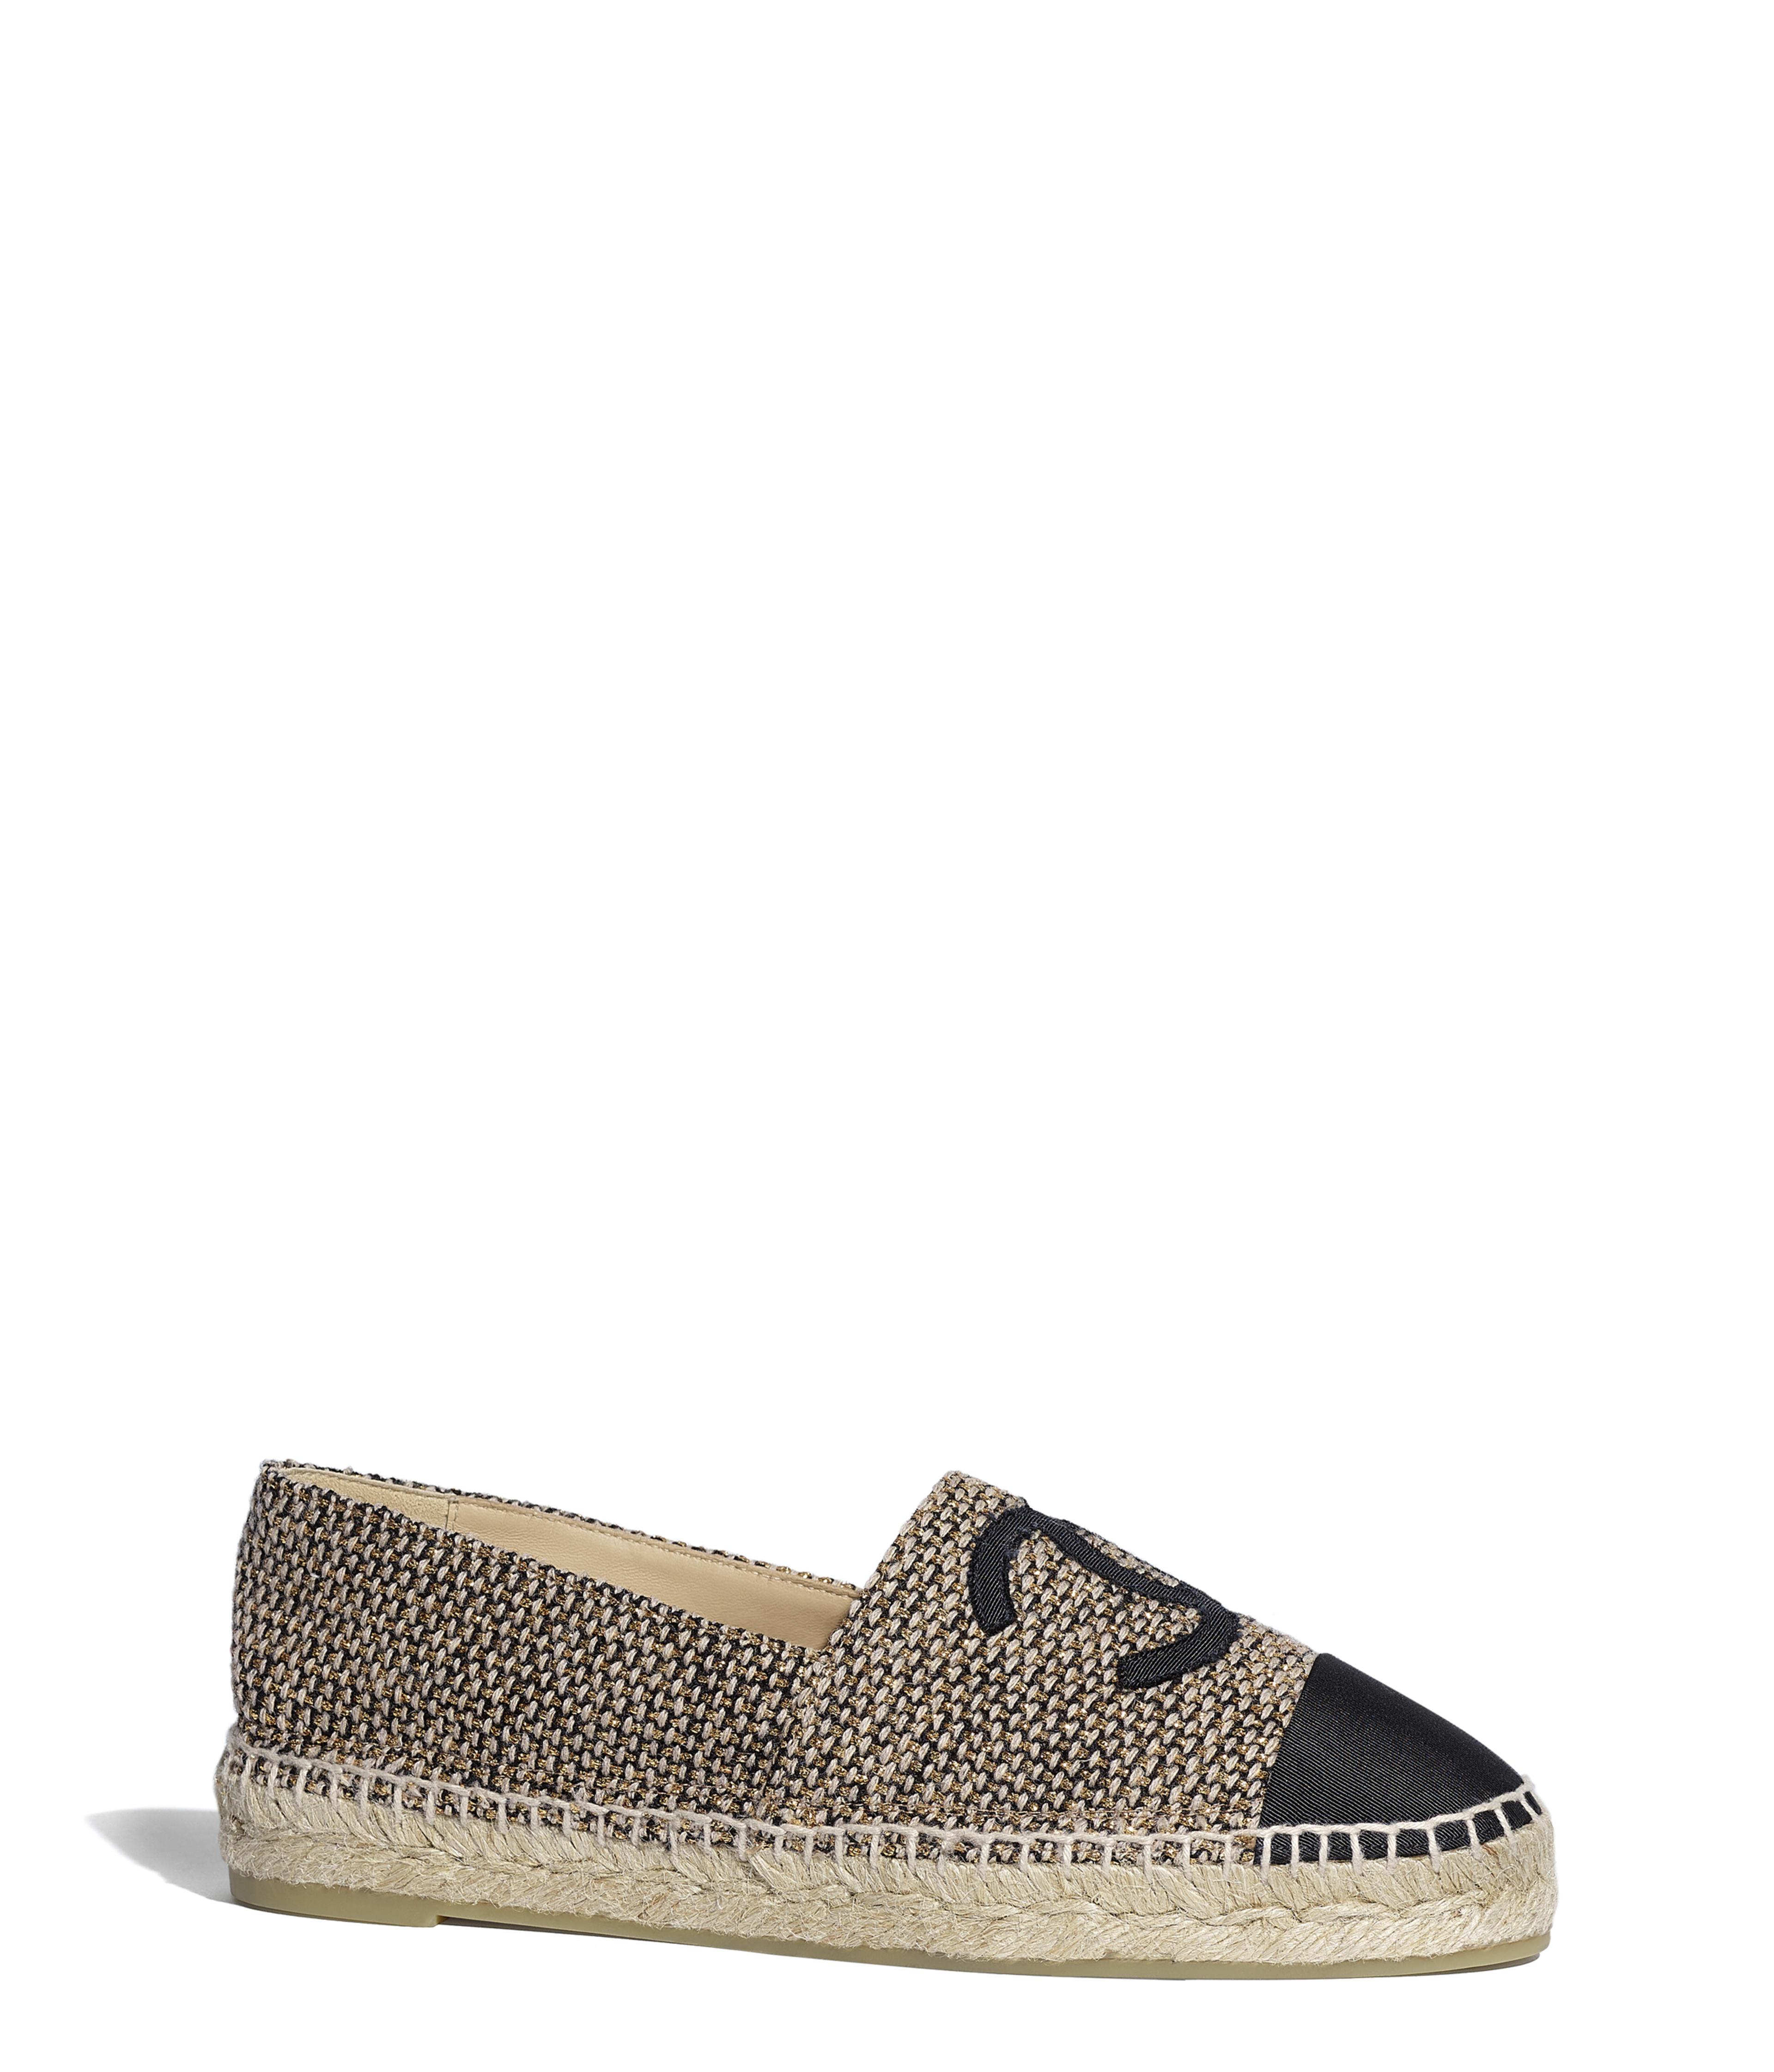 Espadrilles - Shoes   CHANEL